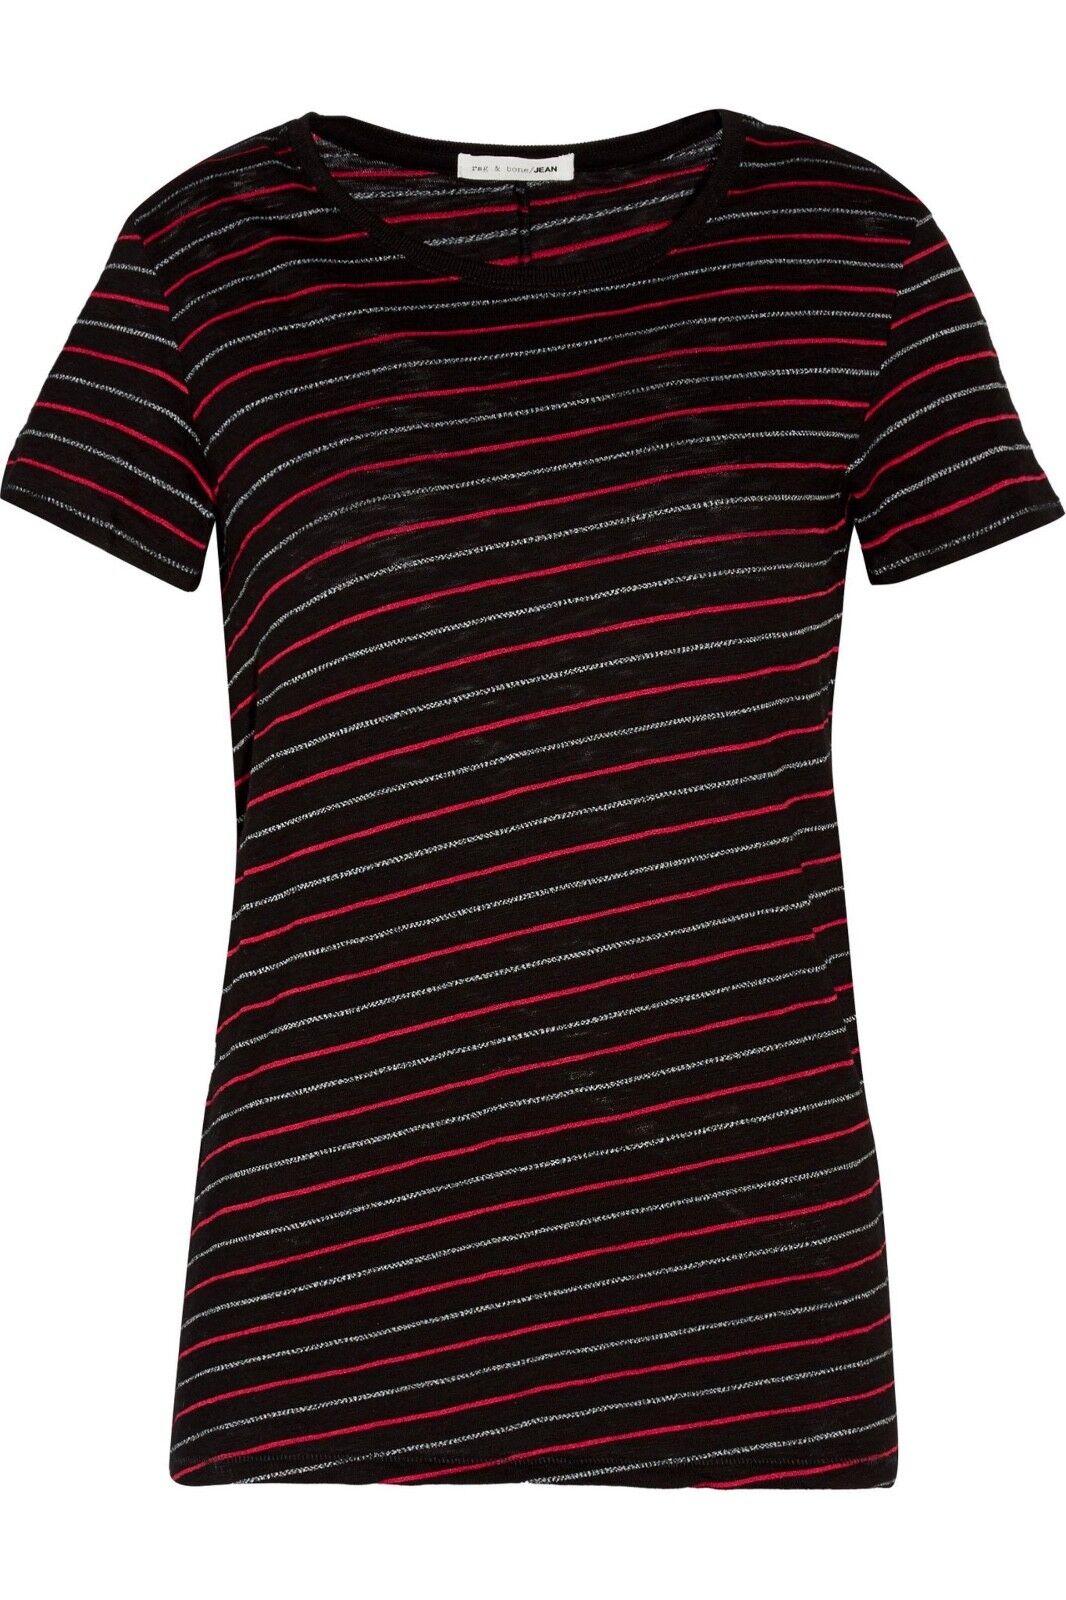 Rag & Bone Woherren schwarz rot Jasper Striped Cotton-blend T-shirt Größe M